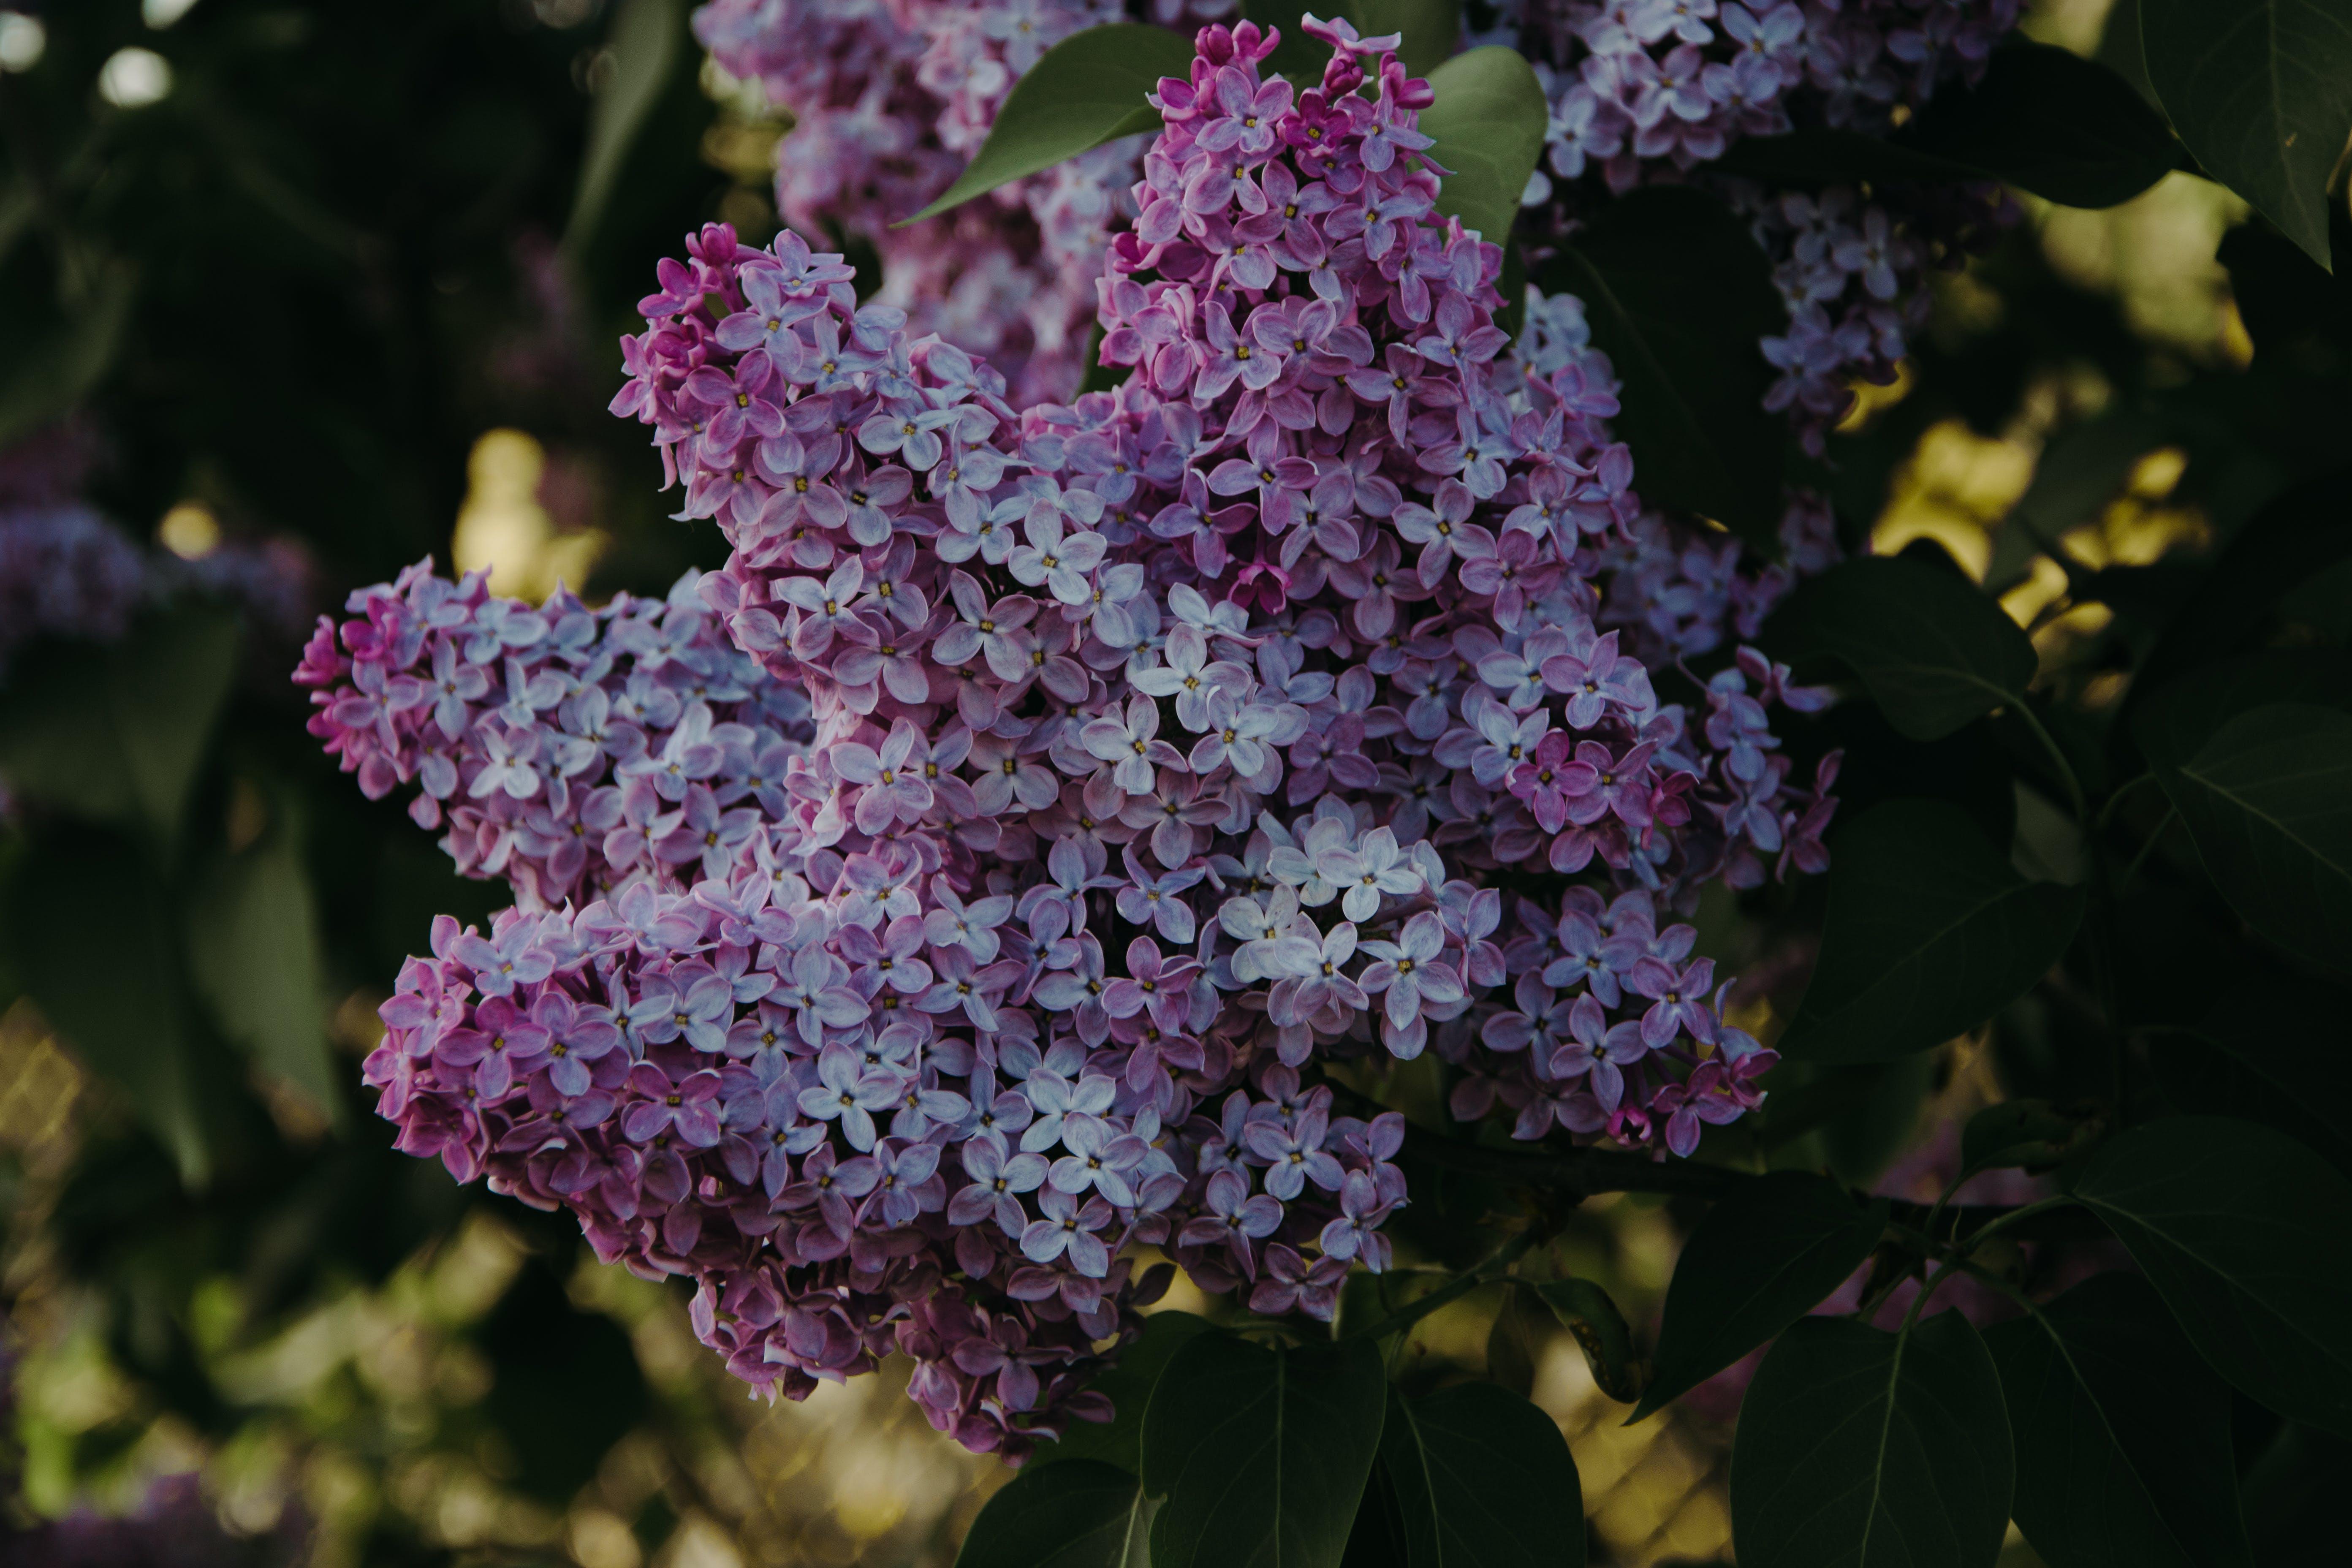 工厂, 植物群, 紫丁香, 紫色的花朵 的 免费素材照片